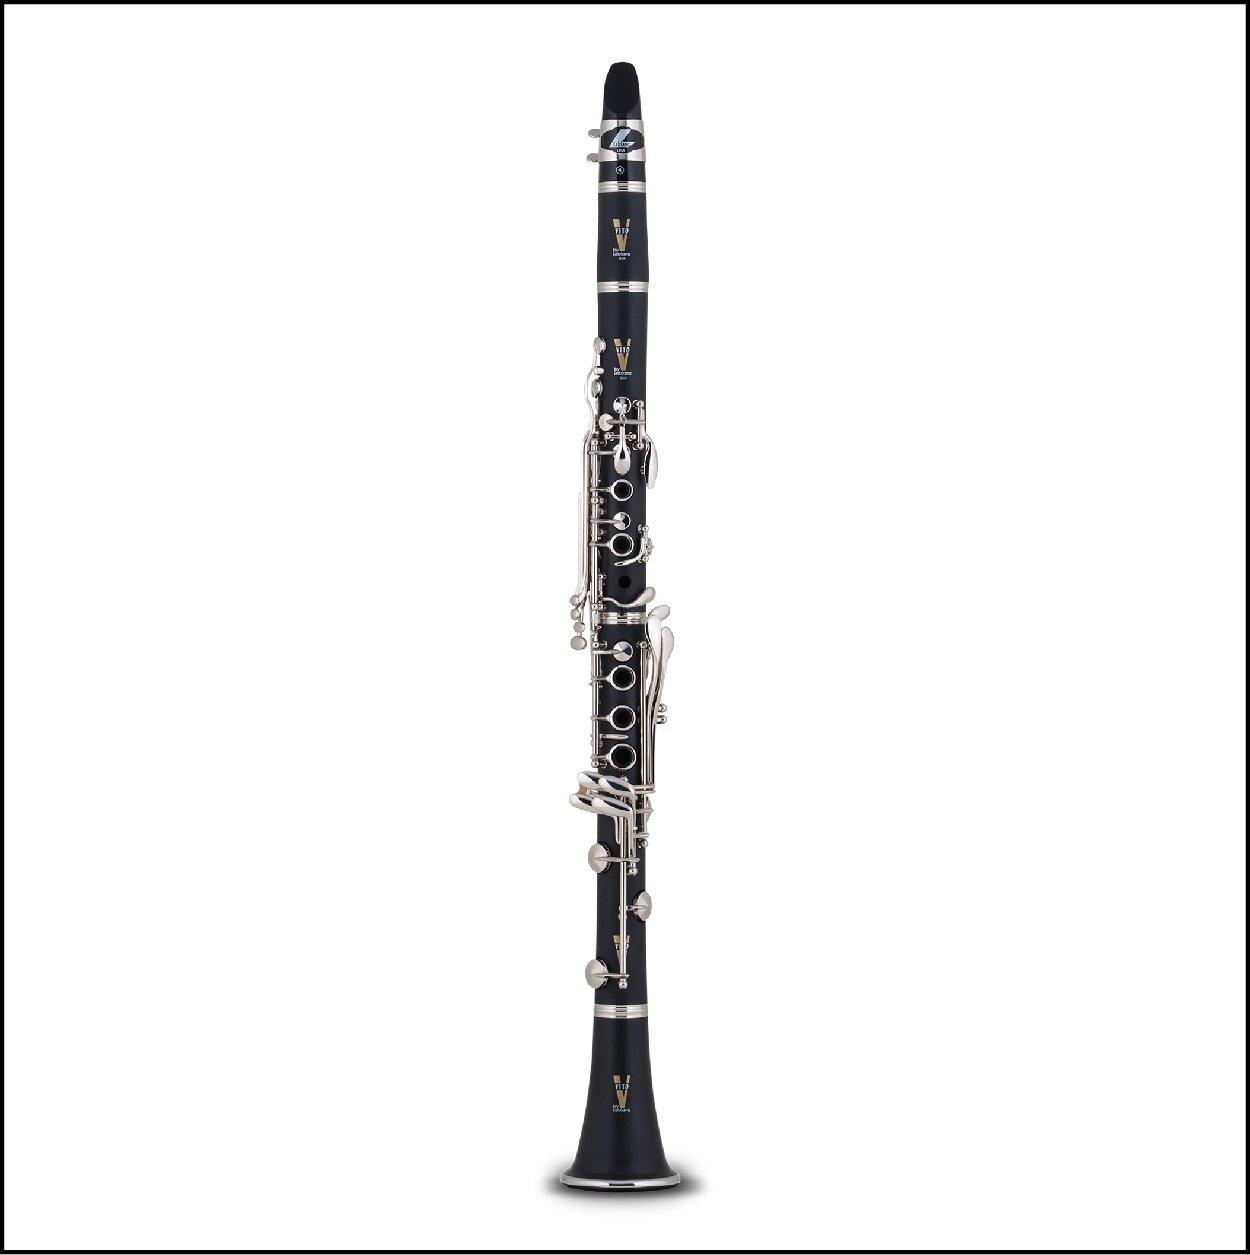 Vito V7214PC Clarinet - New